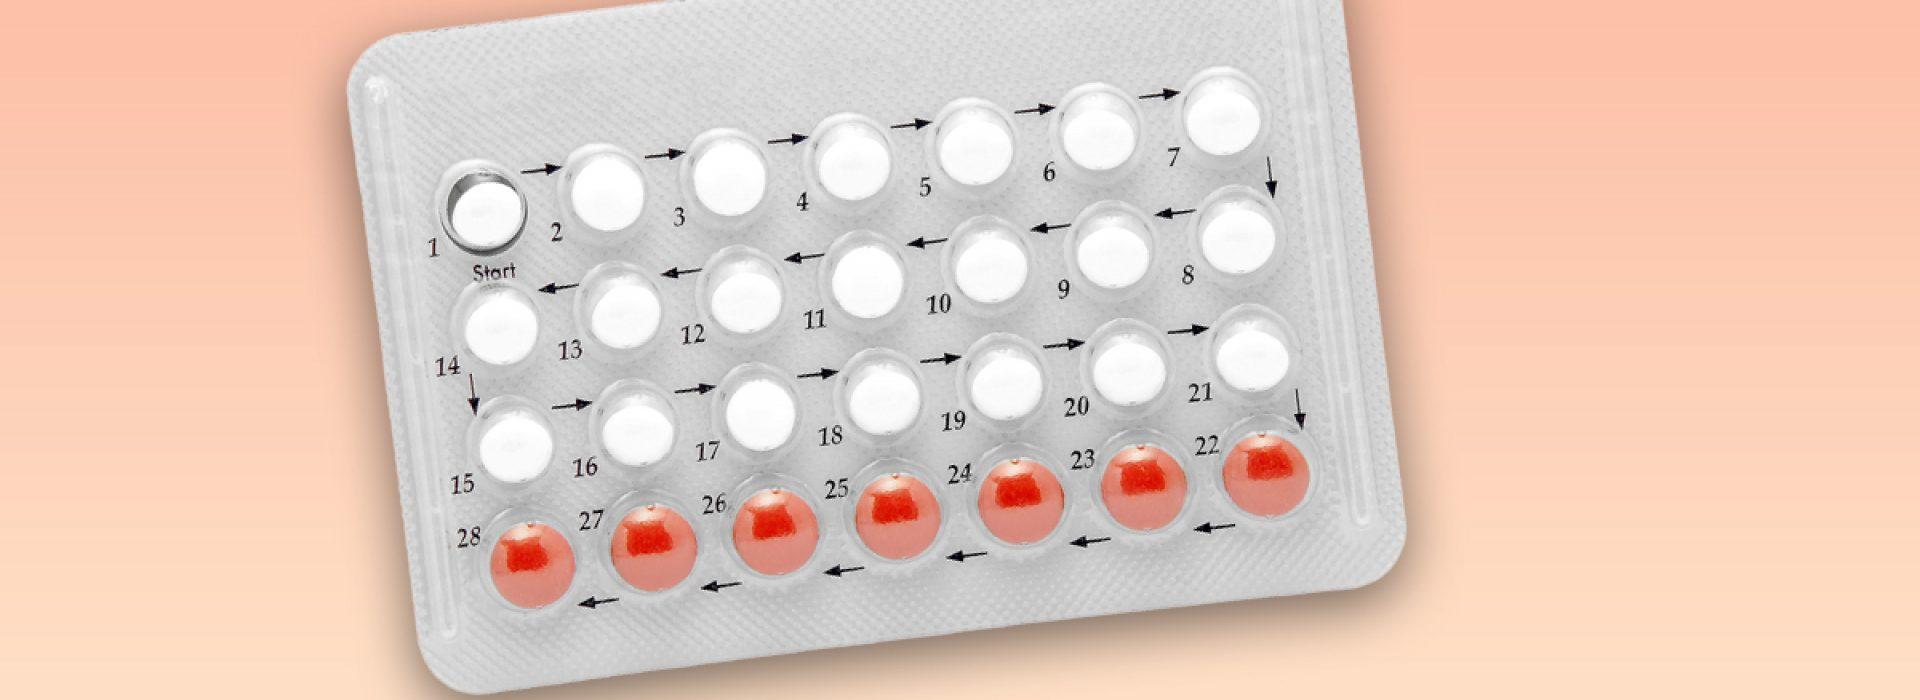 reducir-efecto-anticonceptivos